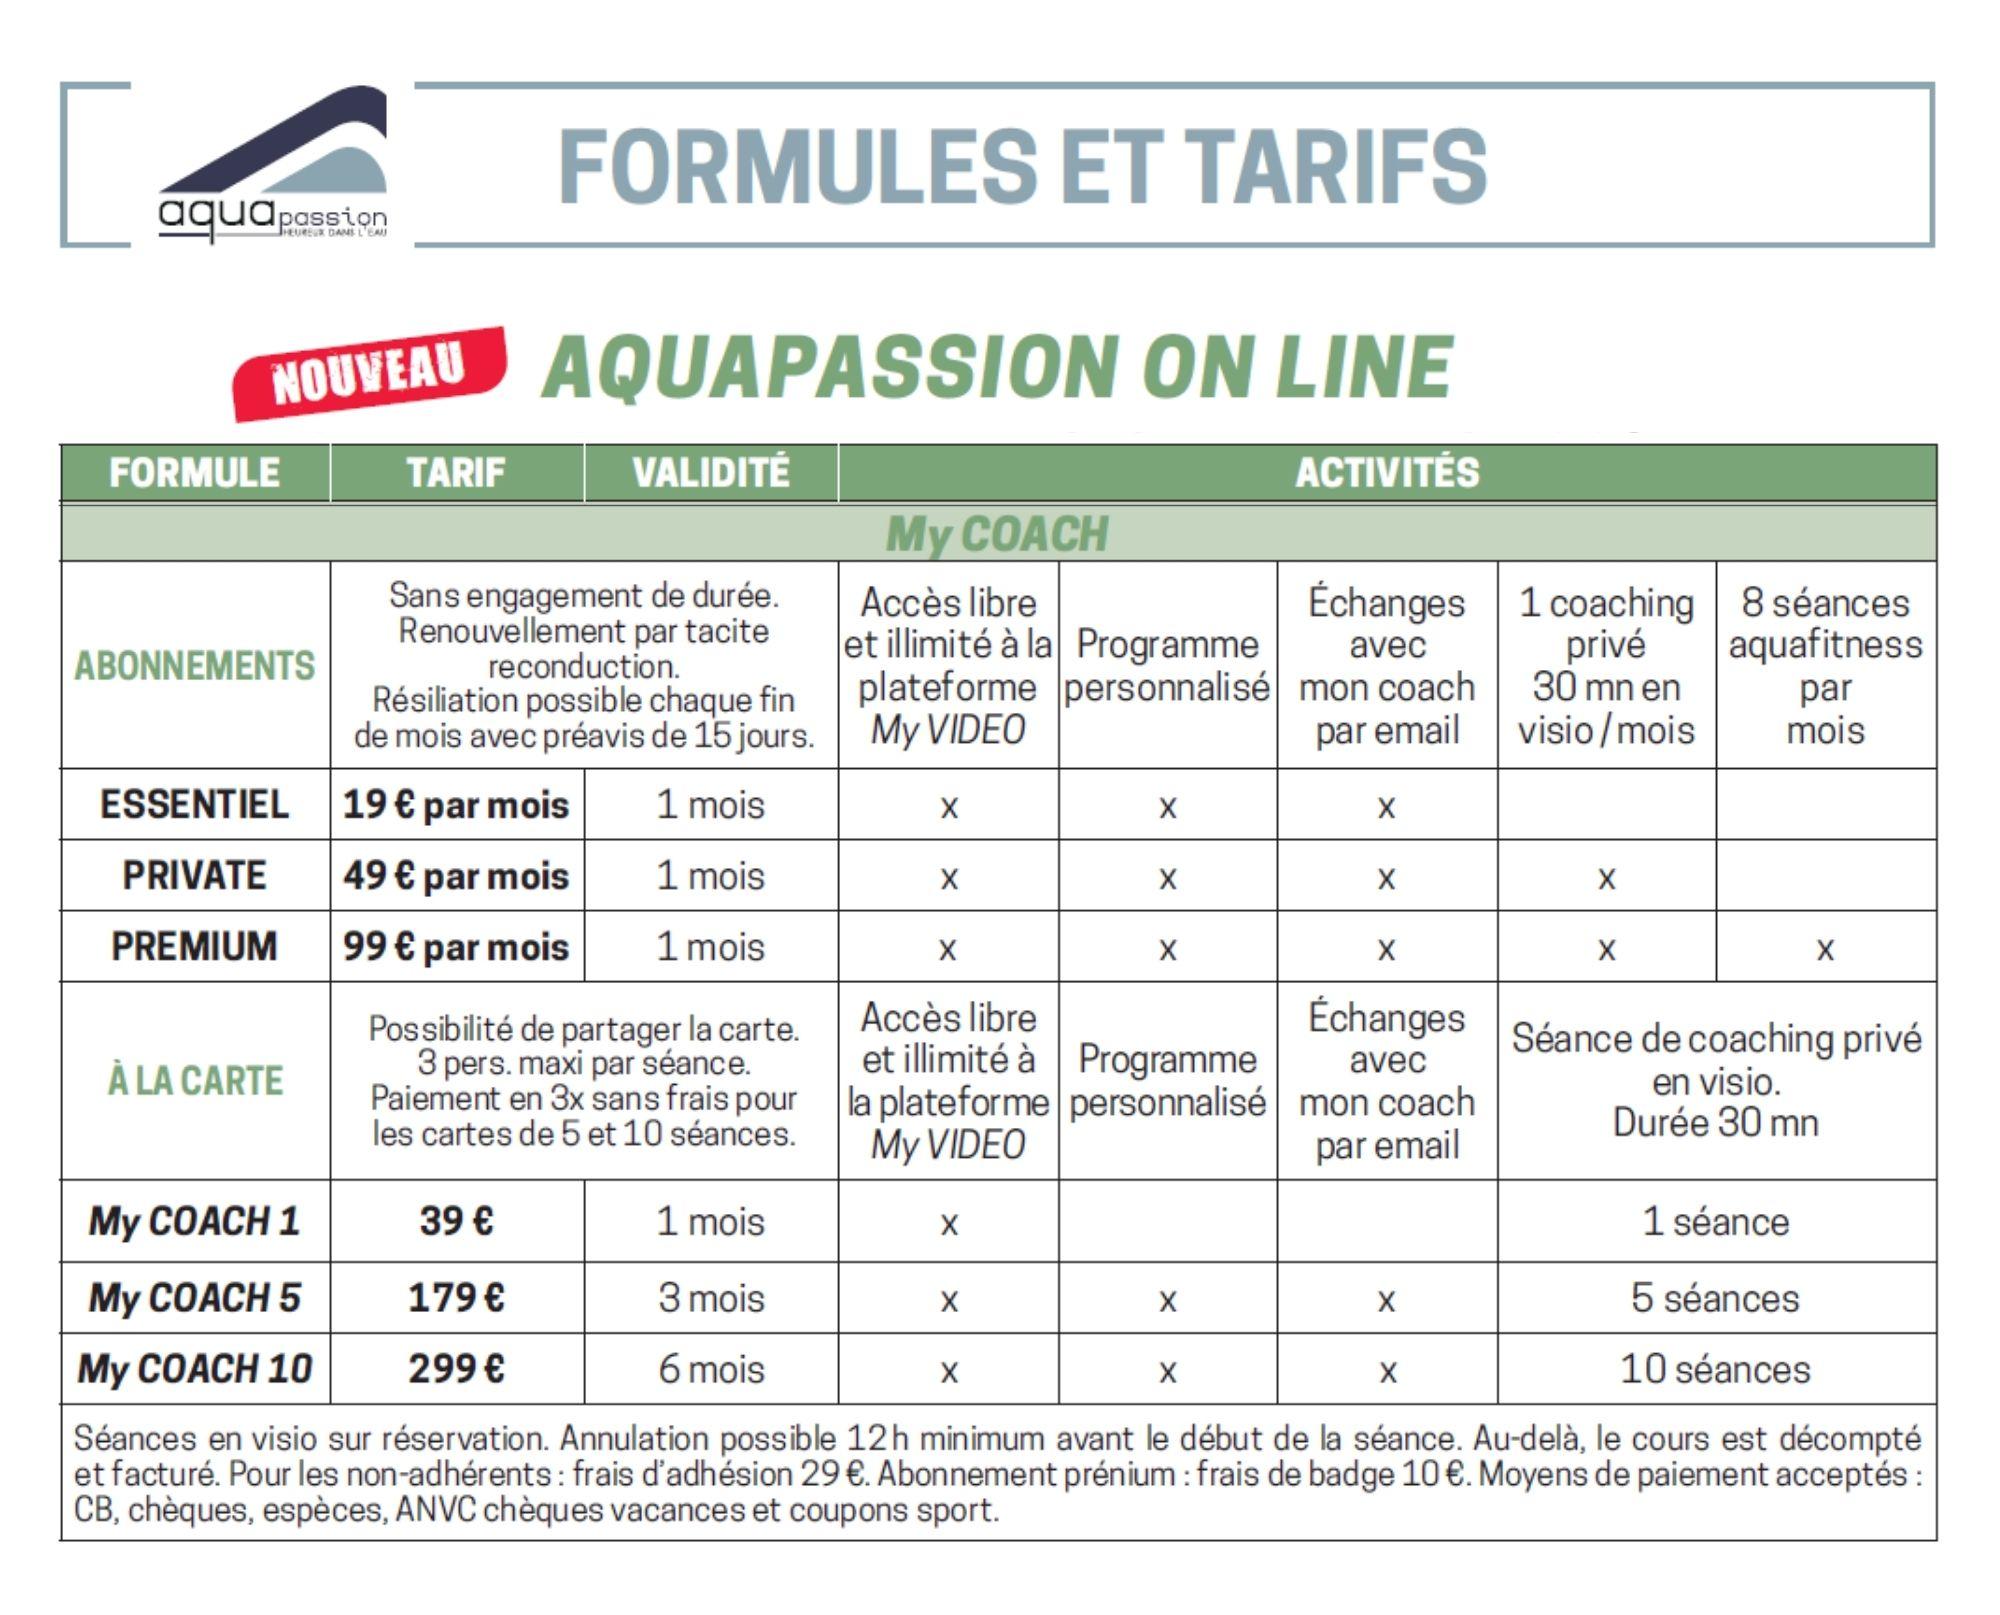 Formules et tarifs Aquapassion Online